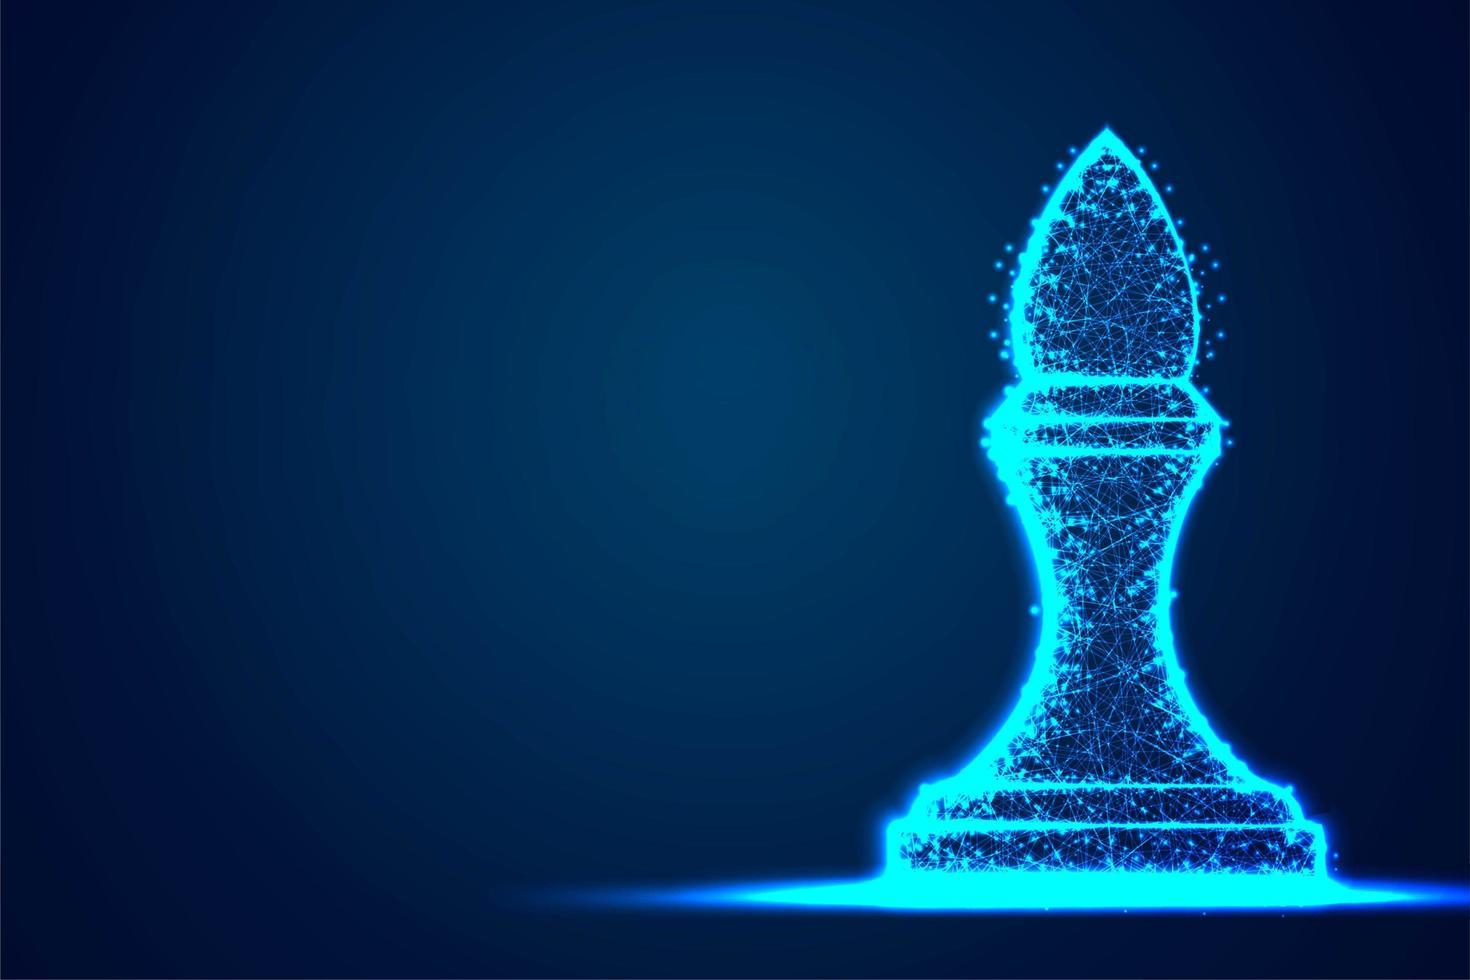 schaken bisschop draad frame veelhoek blauwe frame structuur vector